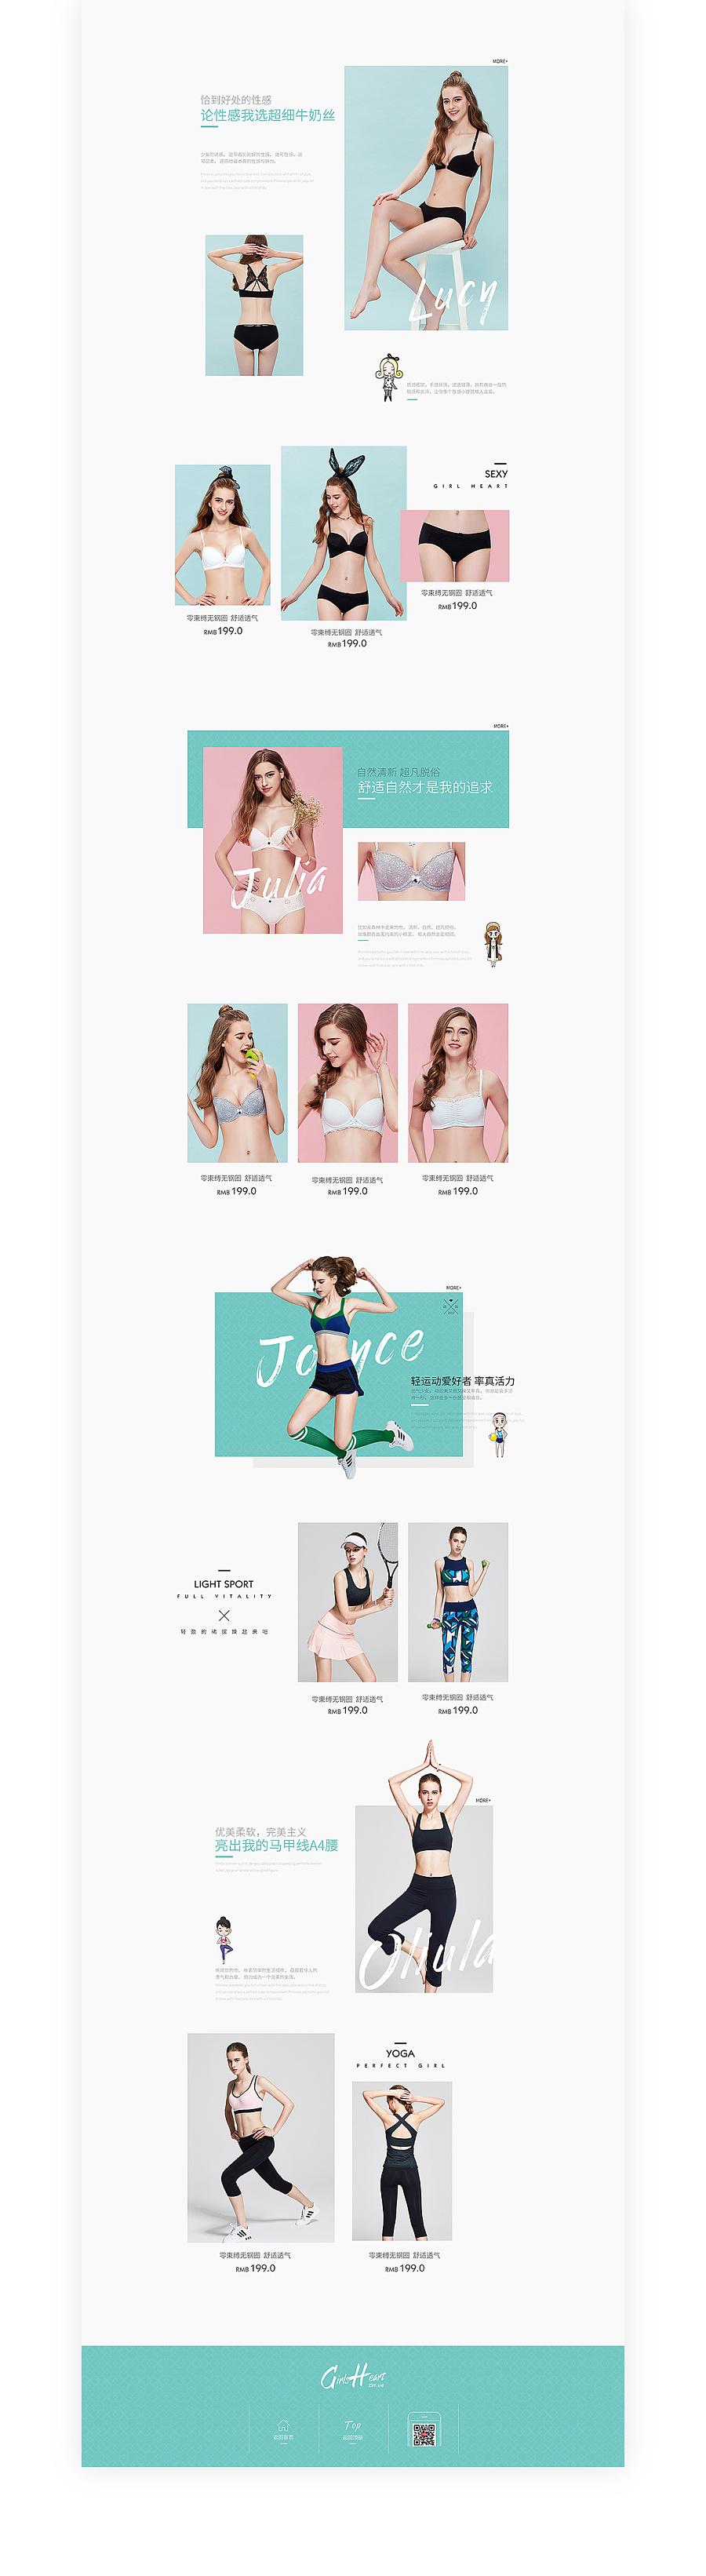 查看《女装内衣品牌项目视觉及策划思路剖析》原图,原图尺寸:1300x4742